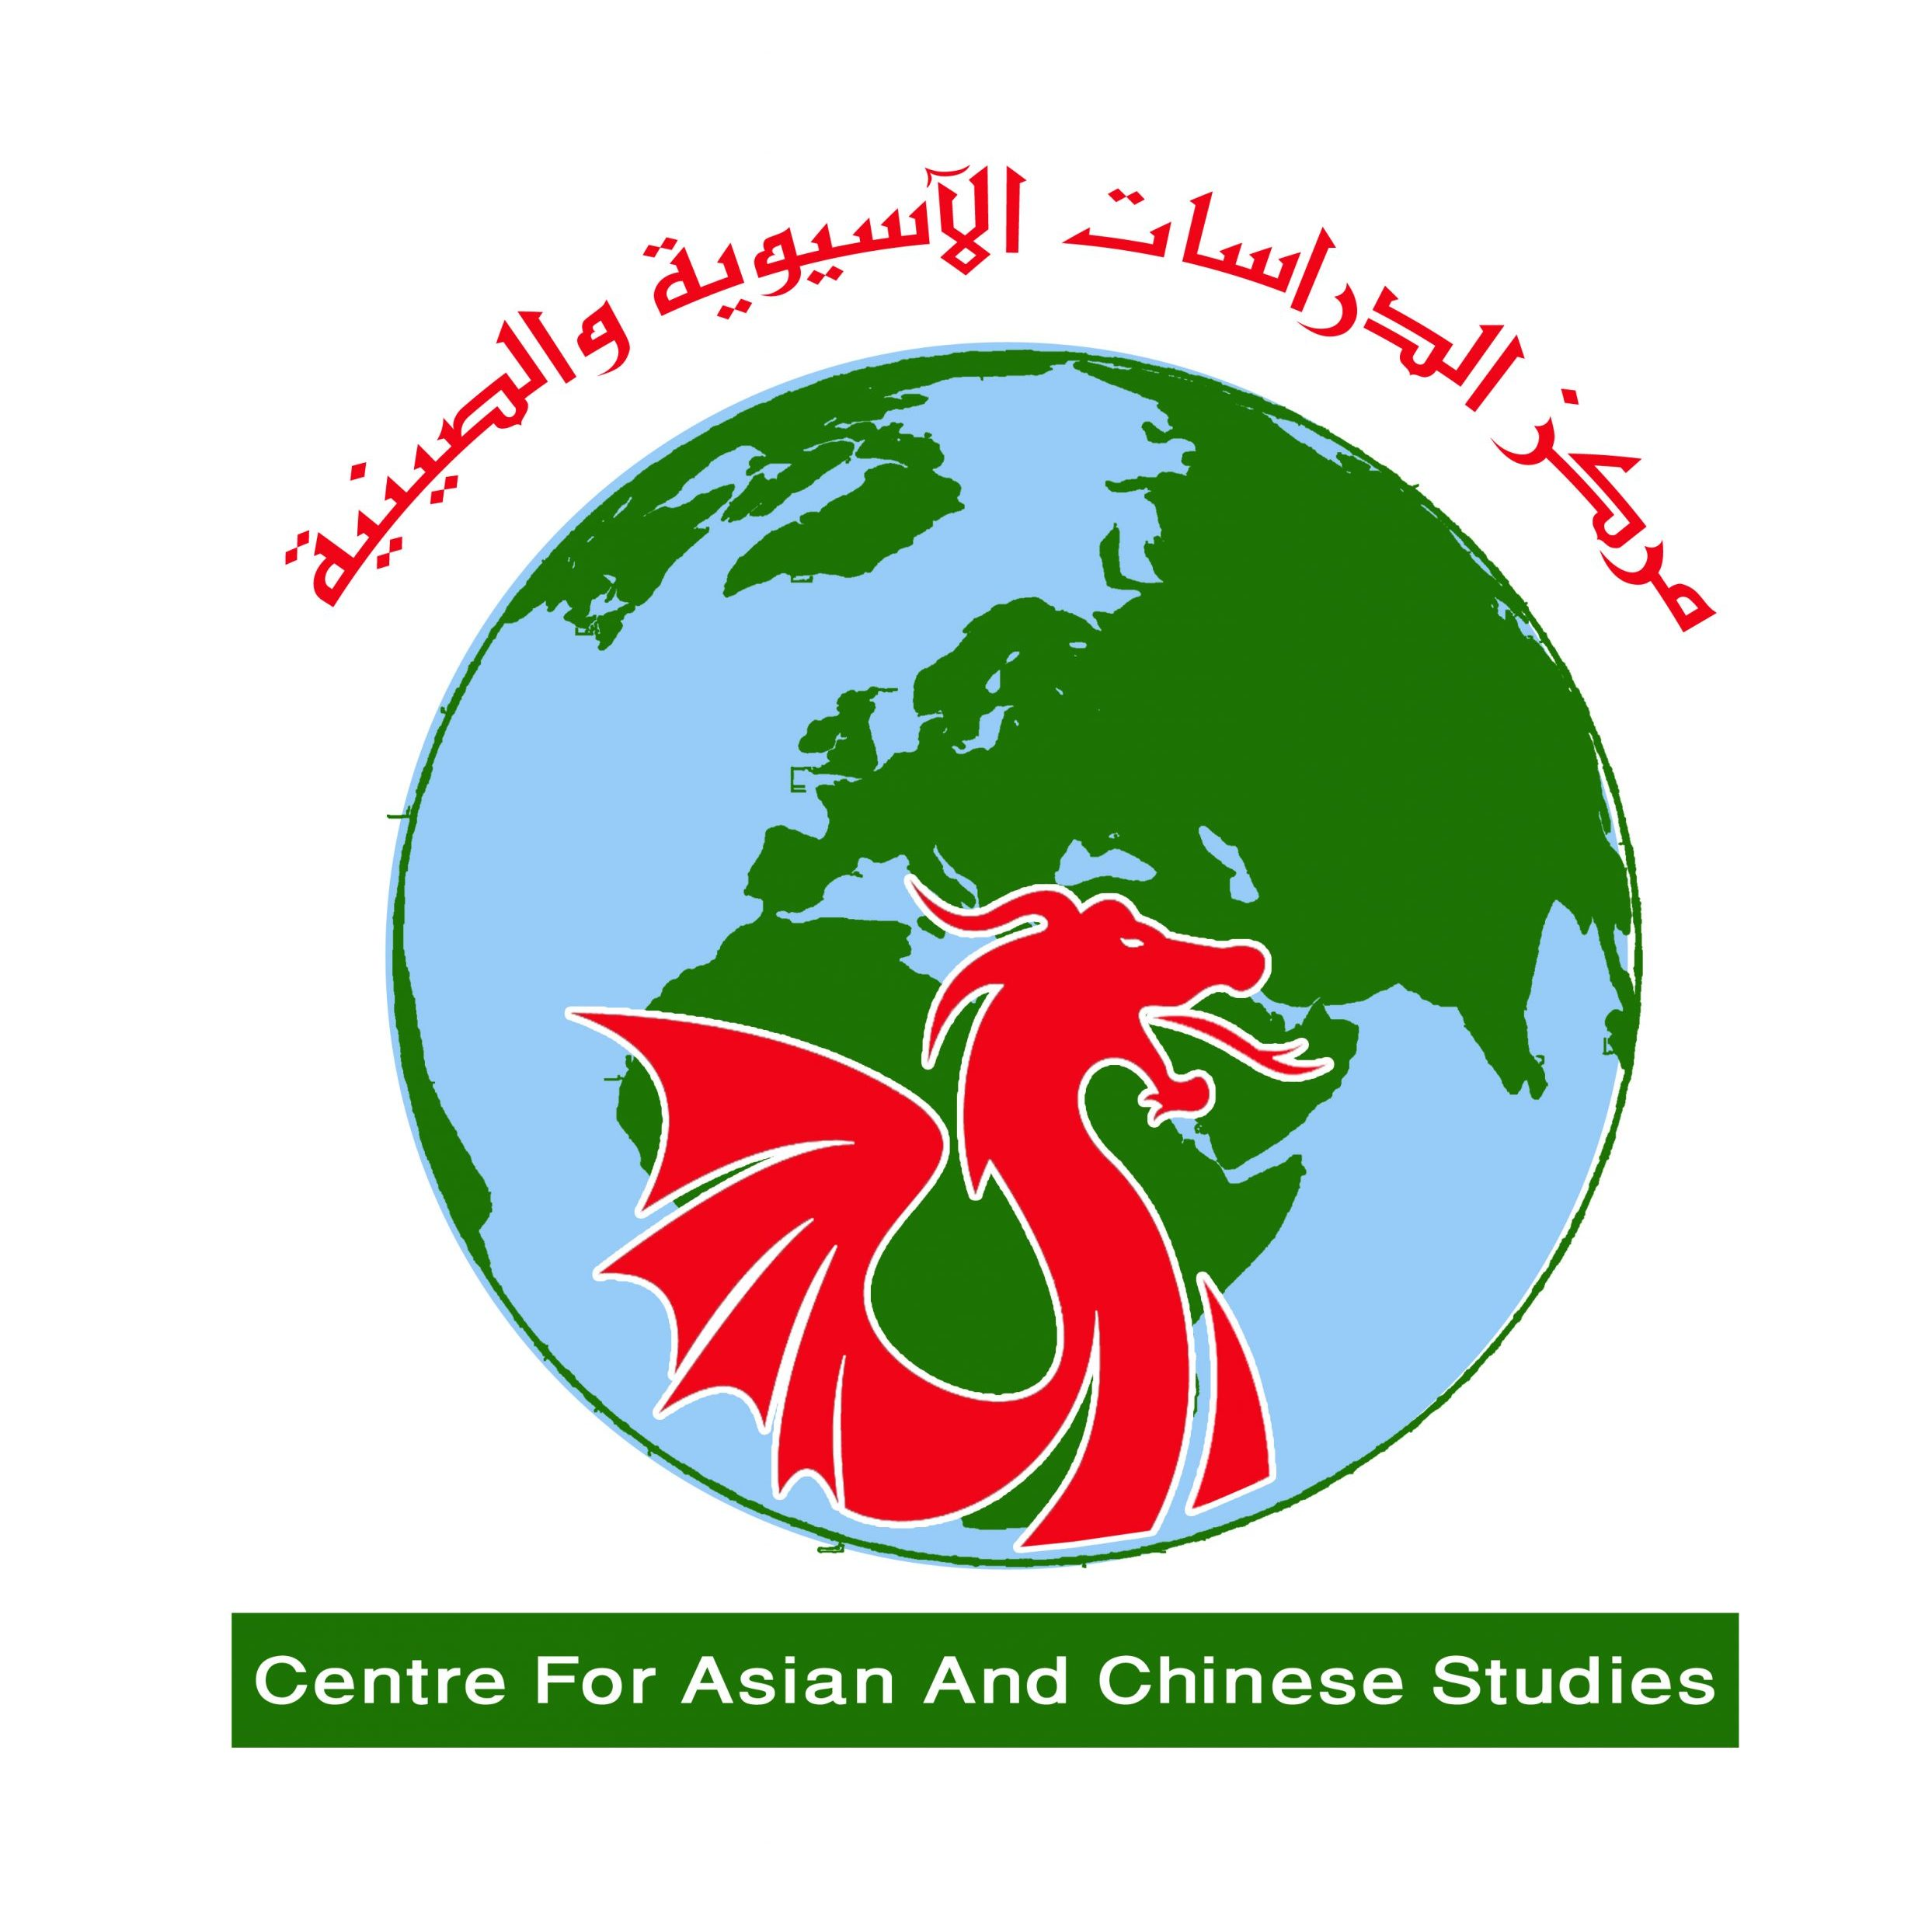 """""""مركز الدراسات الآسيوية والصينية"""" يناقش خلفيات الحملة الغربية ضد الصين"""